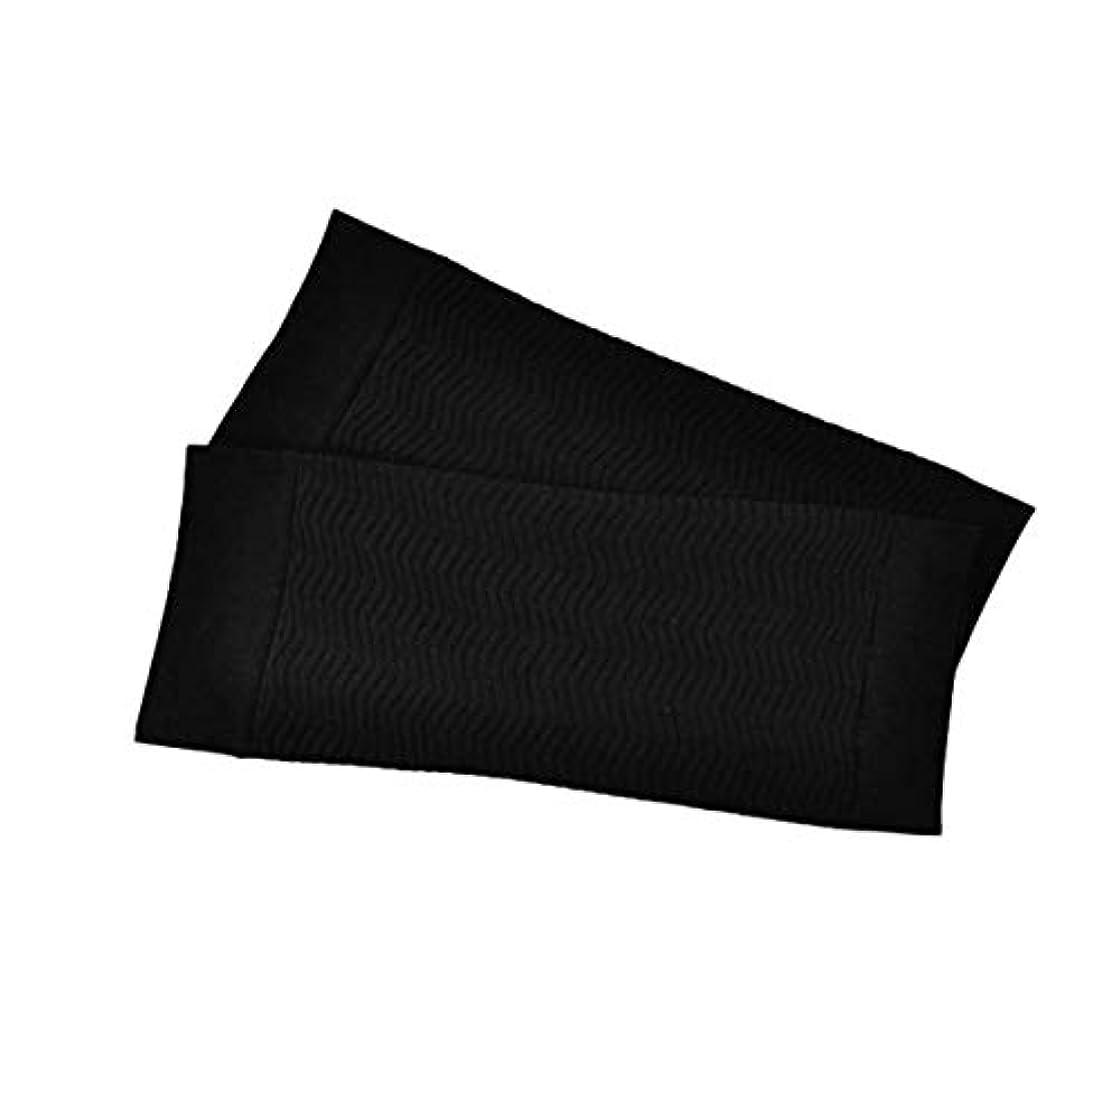 カセット見通しステーキ1ペア680 D圧縮アームシェイパーワークアウトトーニングバーンセルライトスリミングアームスリーブ脂肪燃焼半袖用女性 - ブラック